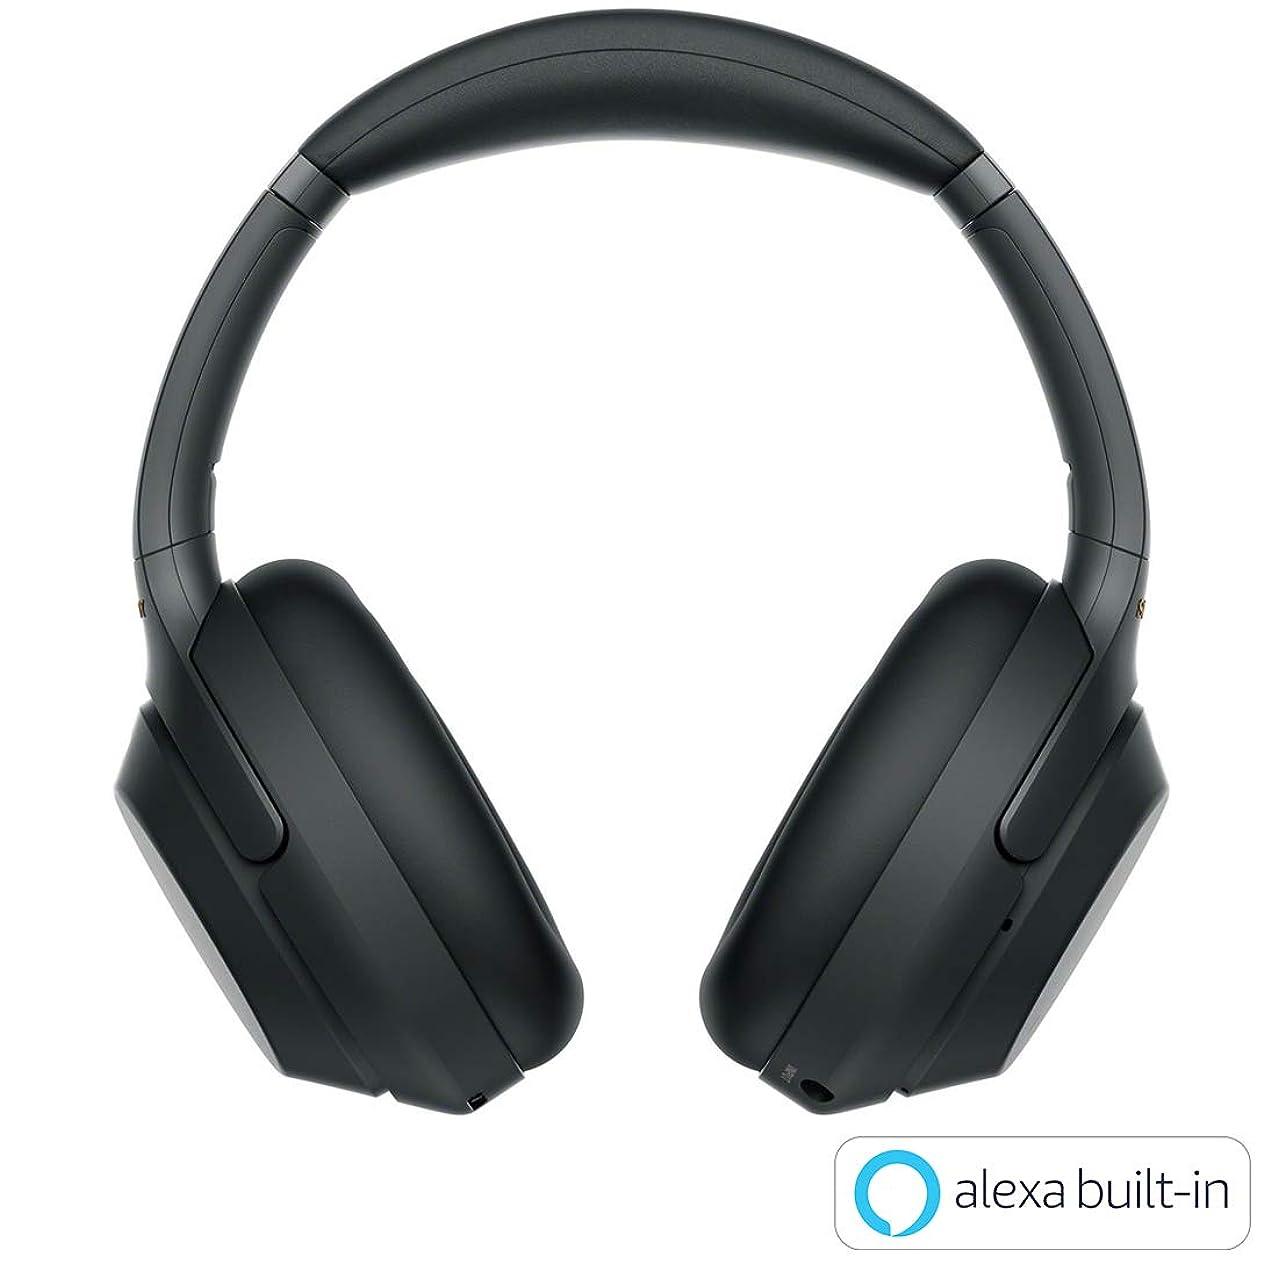 ガスゴネリル分析的ソニー SONY ワイヤレスノイズキャンセリングヘッドホン WH-1000XM3 B : LDAC/Bluetooth/ハイレゾ 最大30時間連続再生 密閉型 マイク付 2018年モデル ブラック